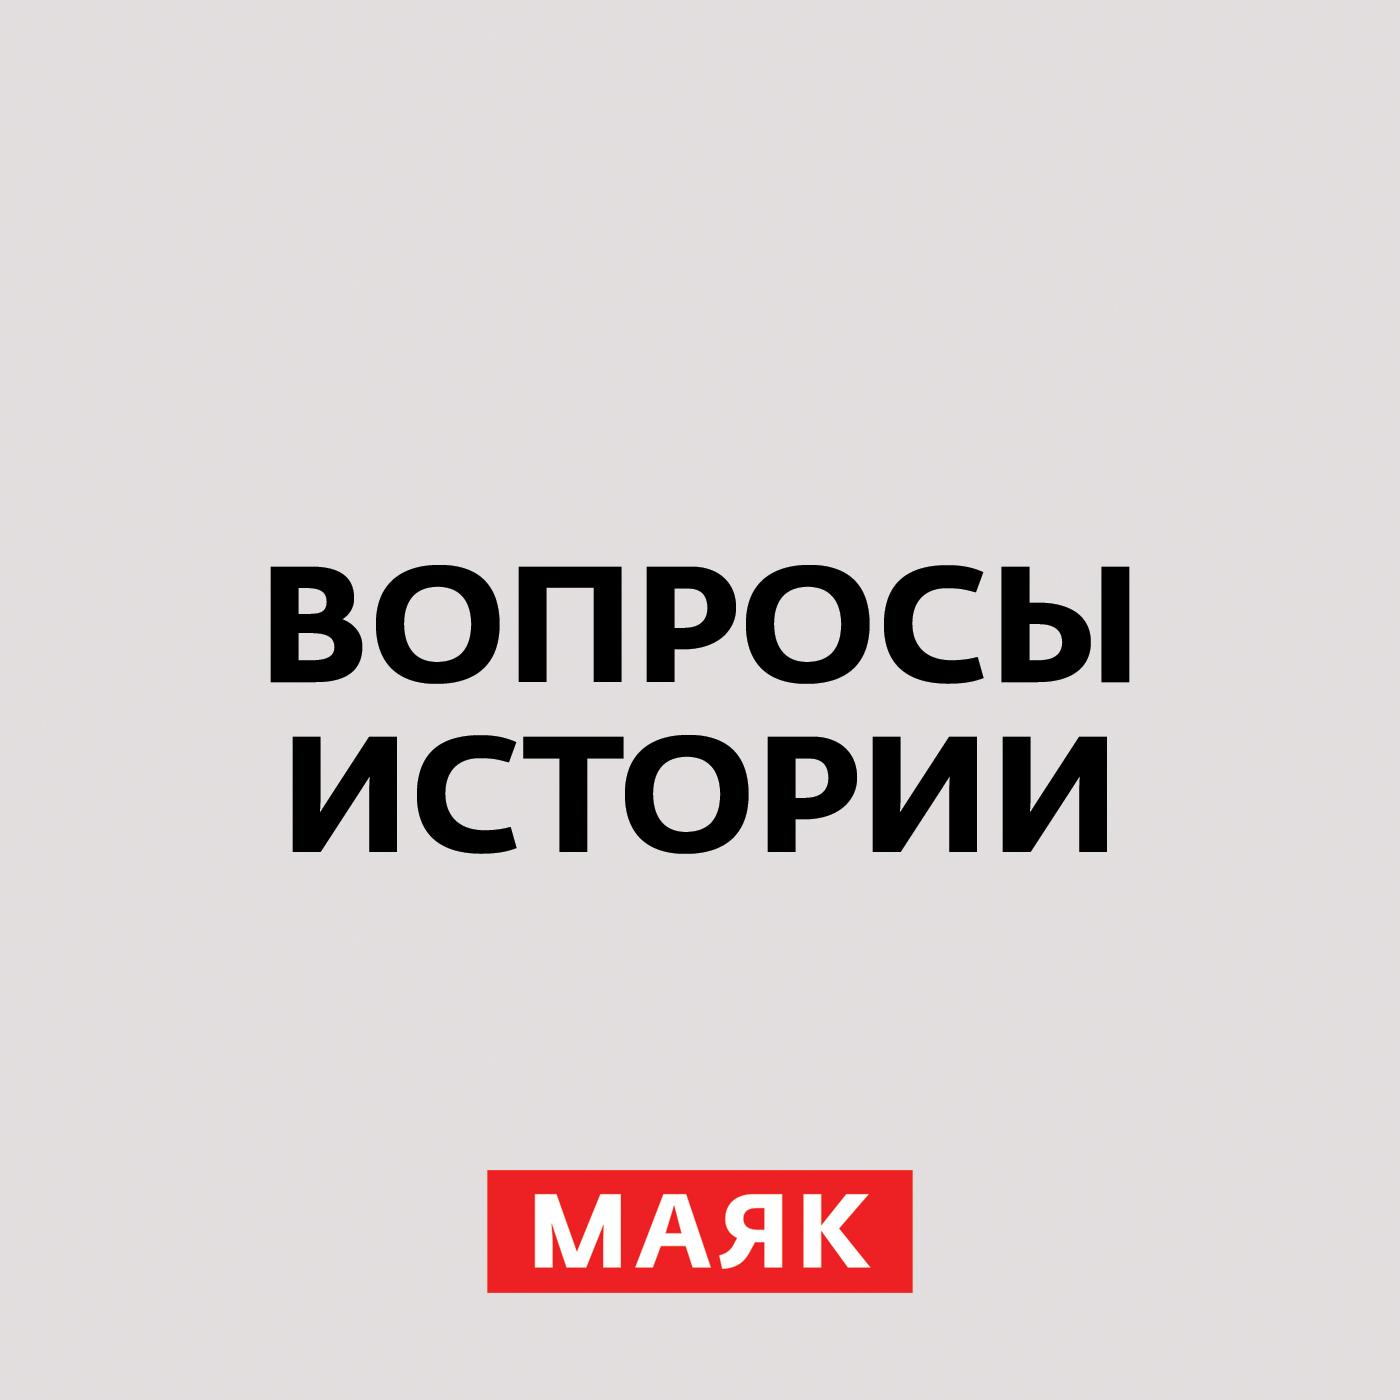 Андрей Светенко Что сгубило генерала Корнилова. Часть 1 андрей светенко берия думал что все должны быть ему благодарны а нет часть 3